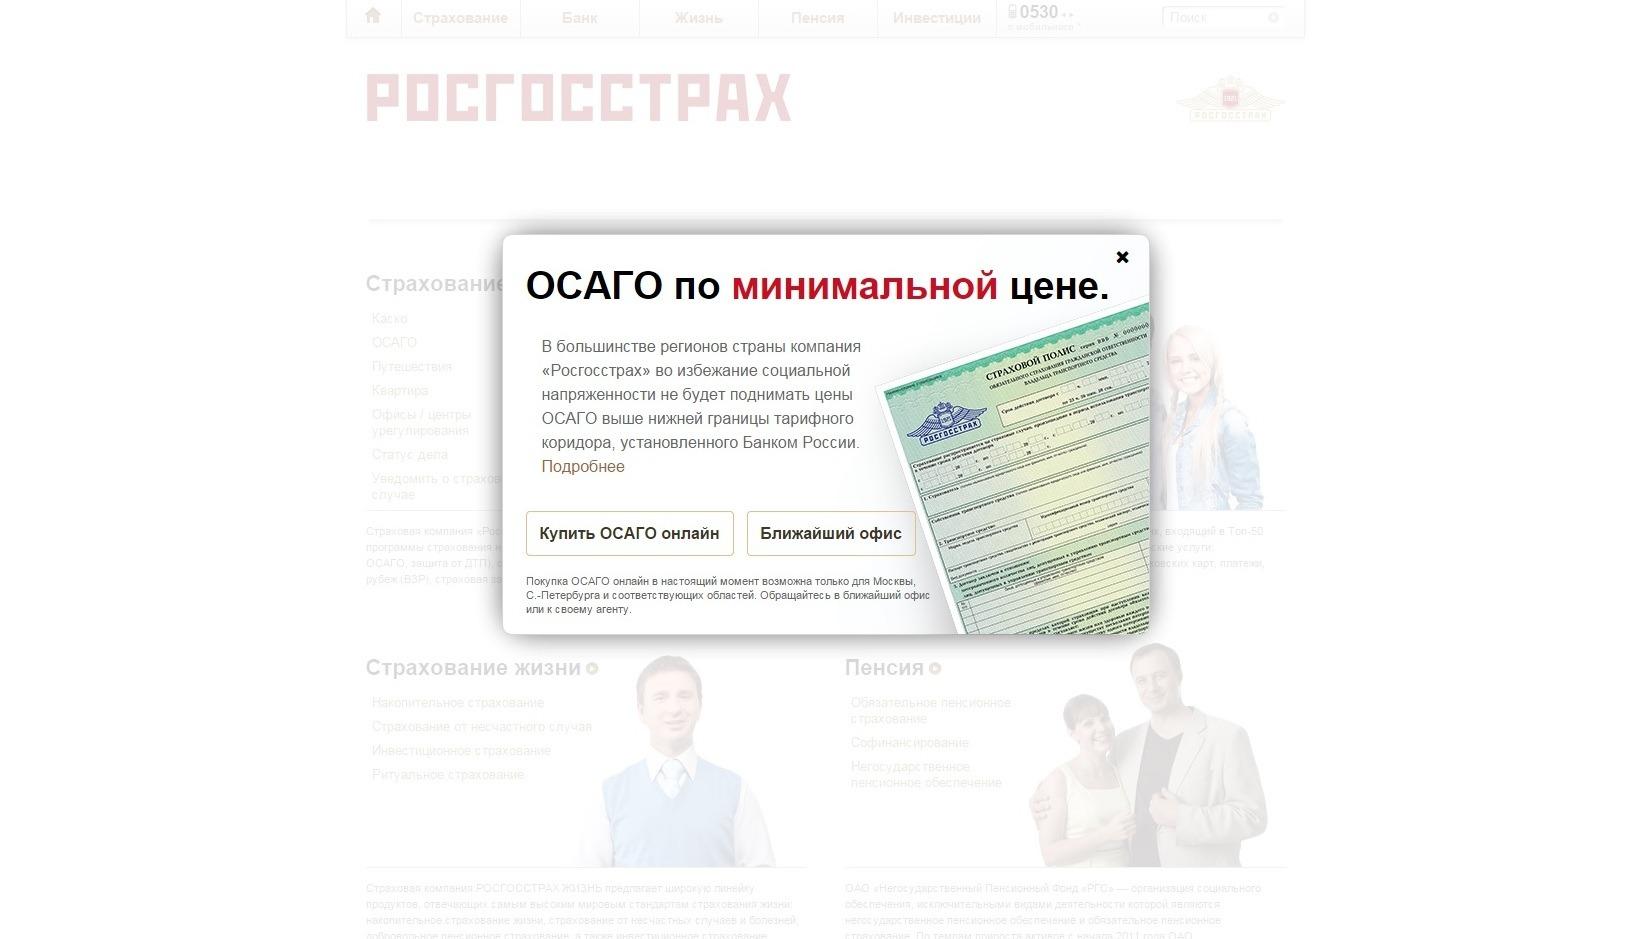 """""""Росгосстрах"""" доигрался: ЦБ ограничил действие лицензии компании на осуществление ОСАГО"""